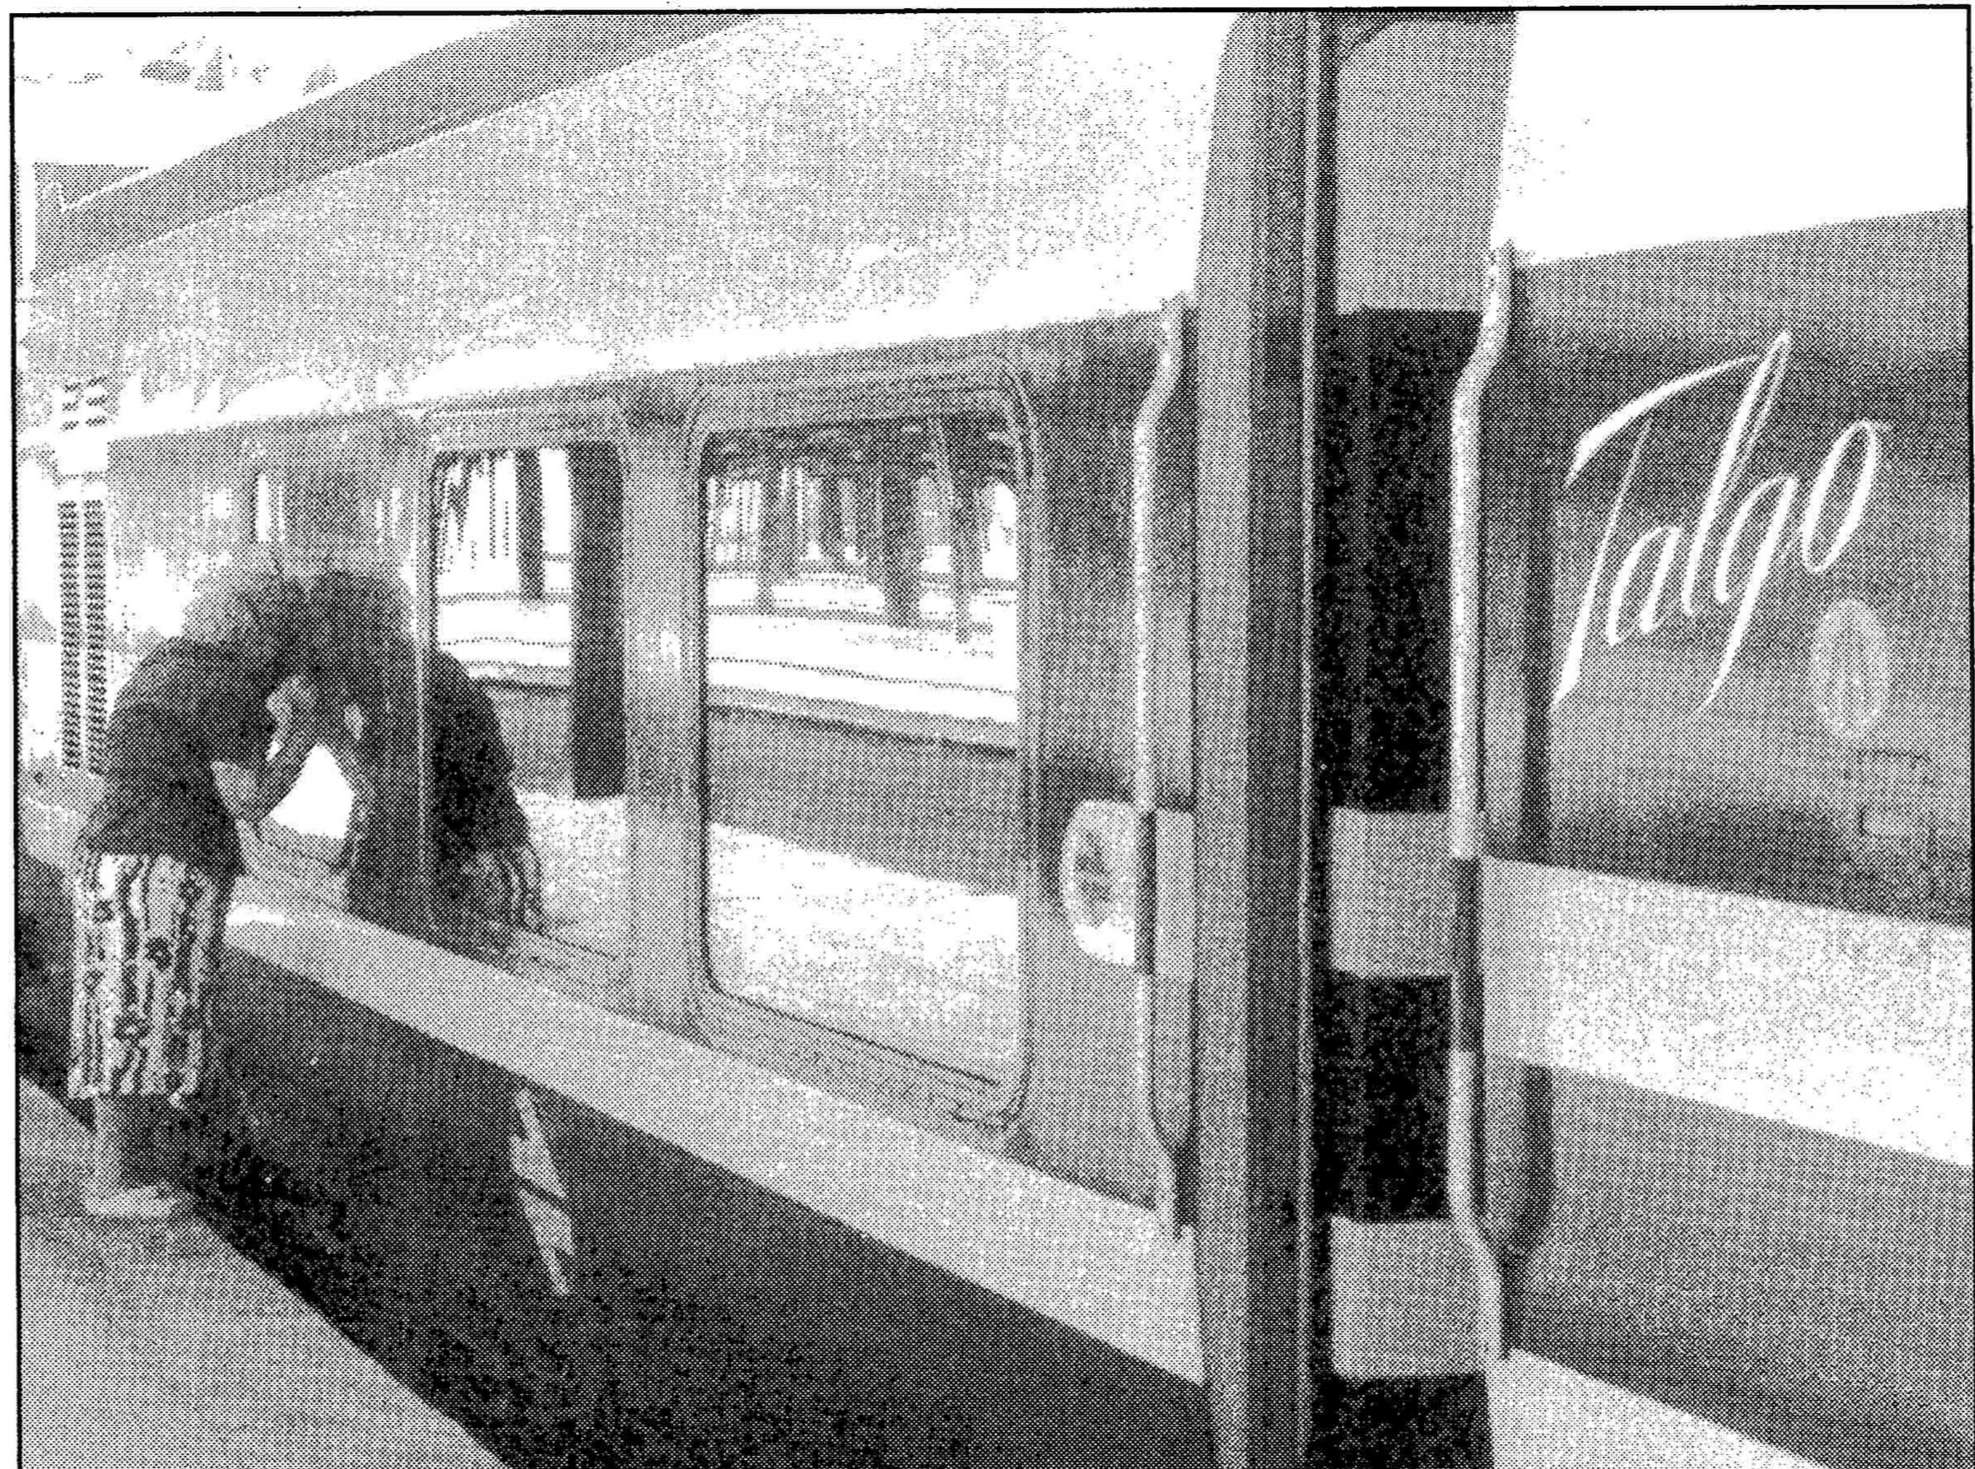 Tren parado en estacion - 5 7